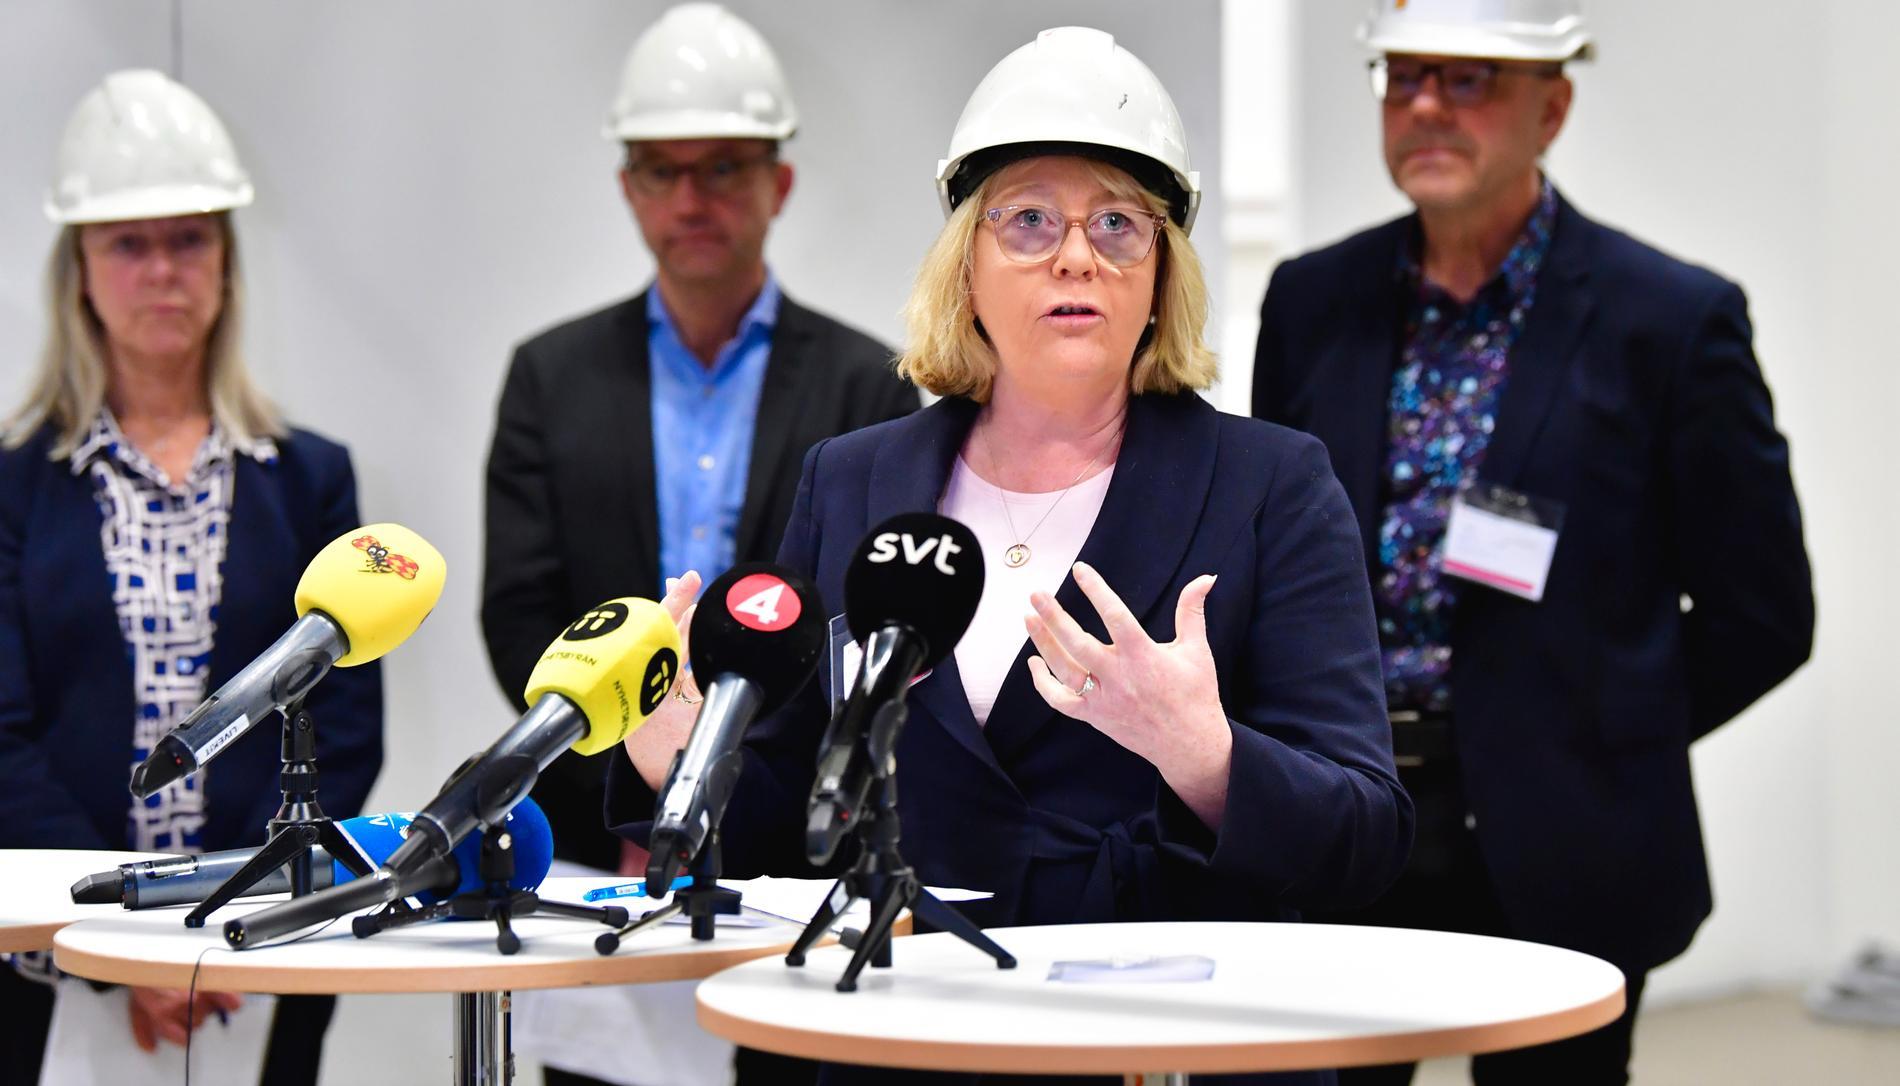 Stockholms regionråd Irene Svenonius (M) tycker att staten borde ta ansvar för den våldsamma utvecklingen i miljonprogrammen. Men har själv inga idéer på lösningar av de sociala problemen.